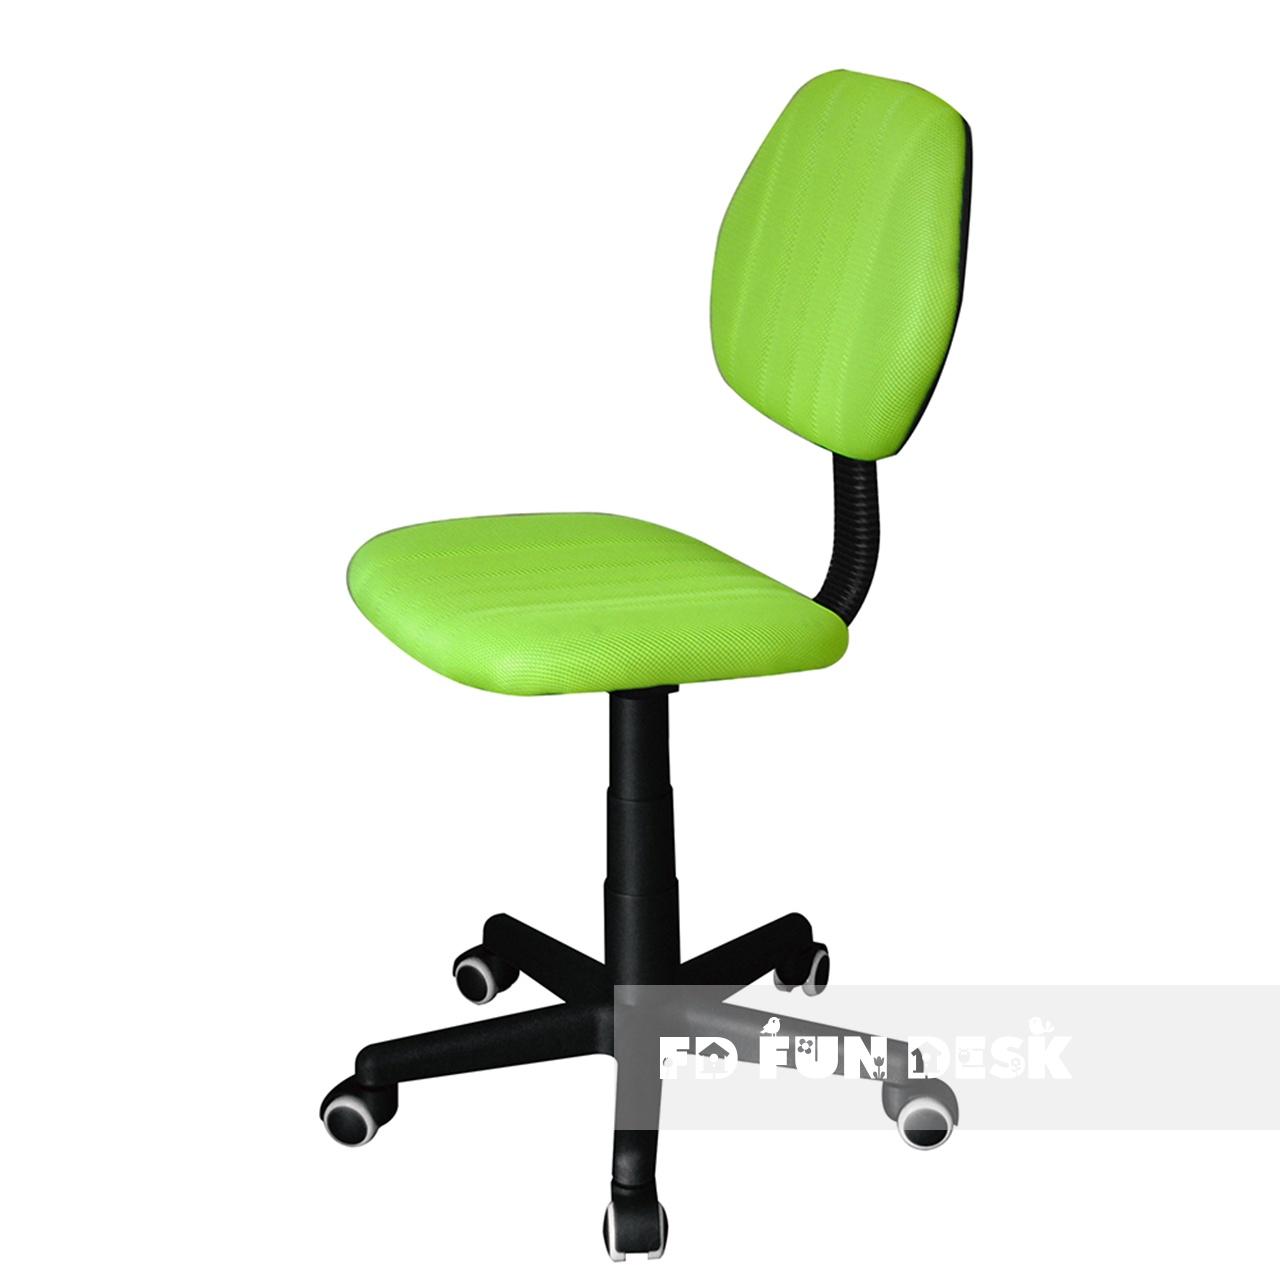 Кресло детское FUNDESK LST4, салатовый детское компьютерное кресло fundesk lst4